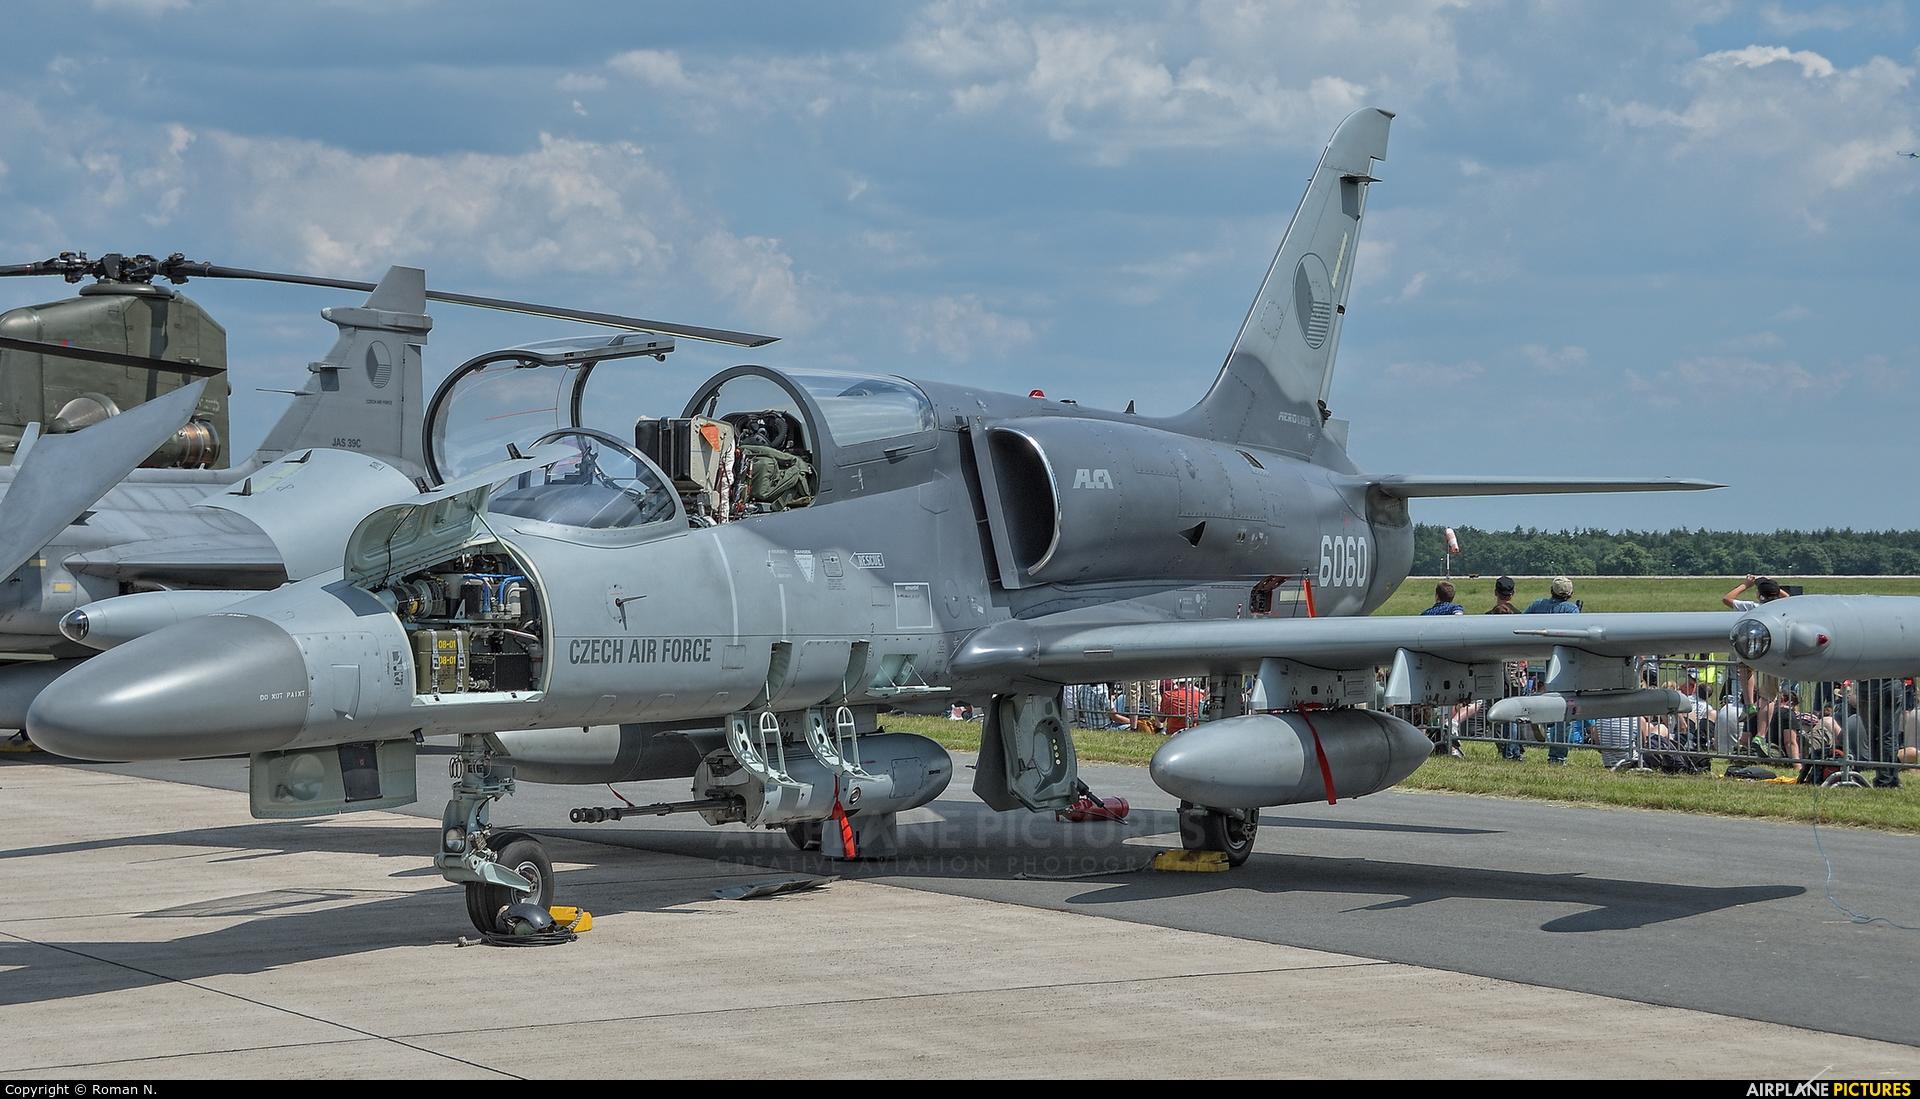 Czech - Air Force 6060 aircraft at Berlin - Schönefeld